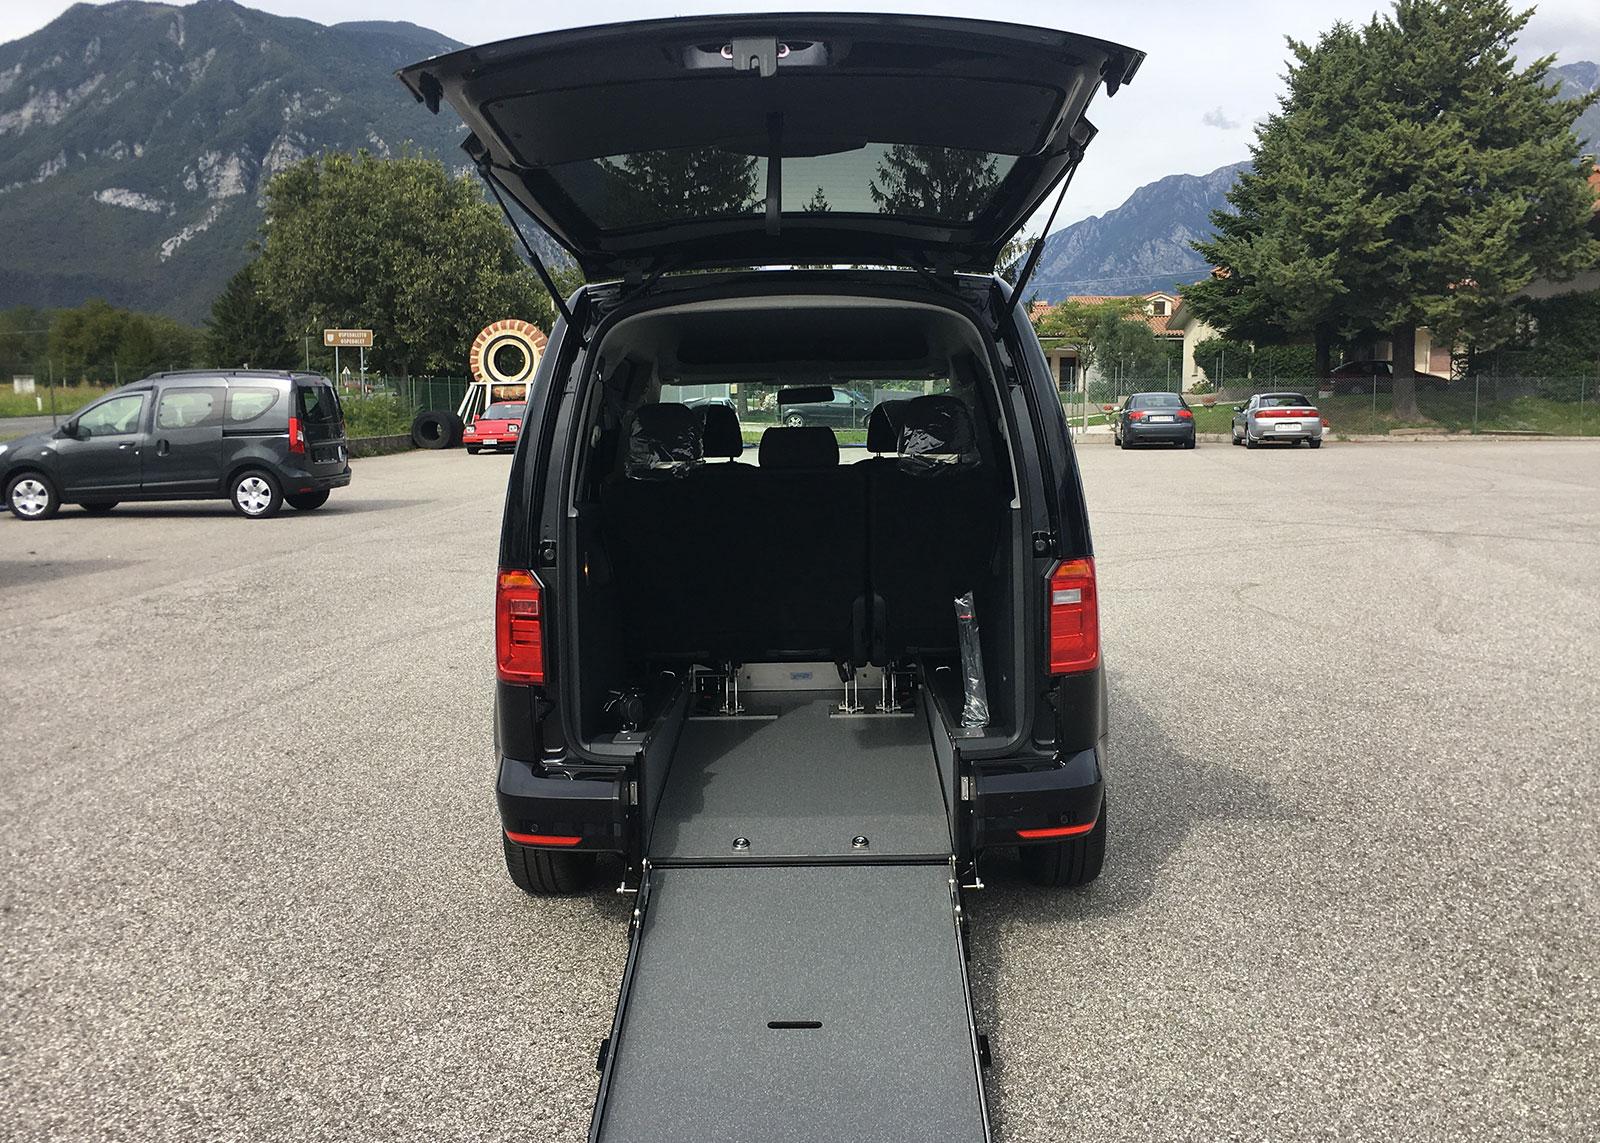 volksvagen-caddy-handicap